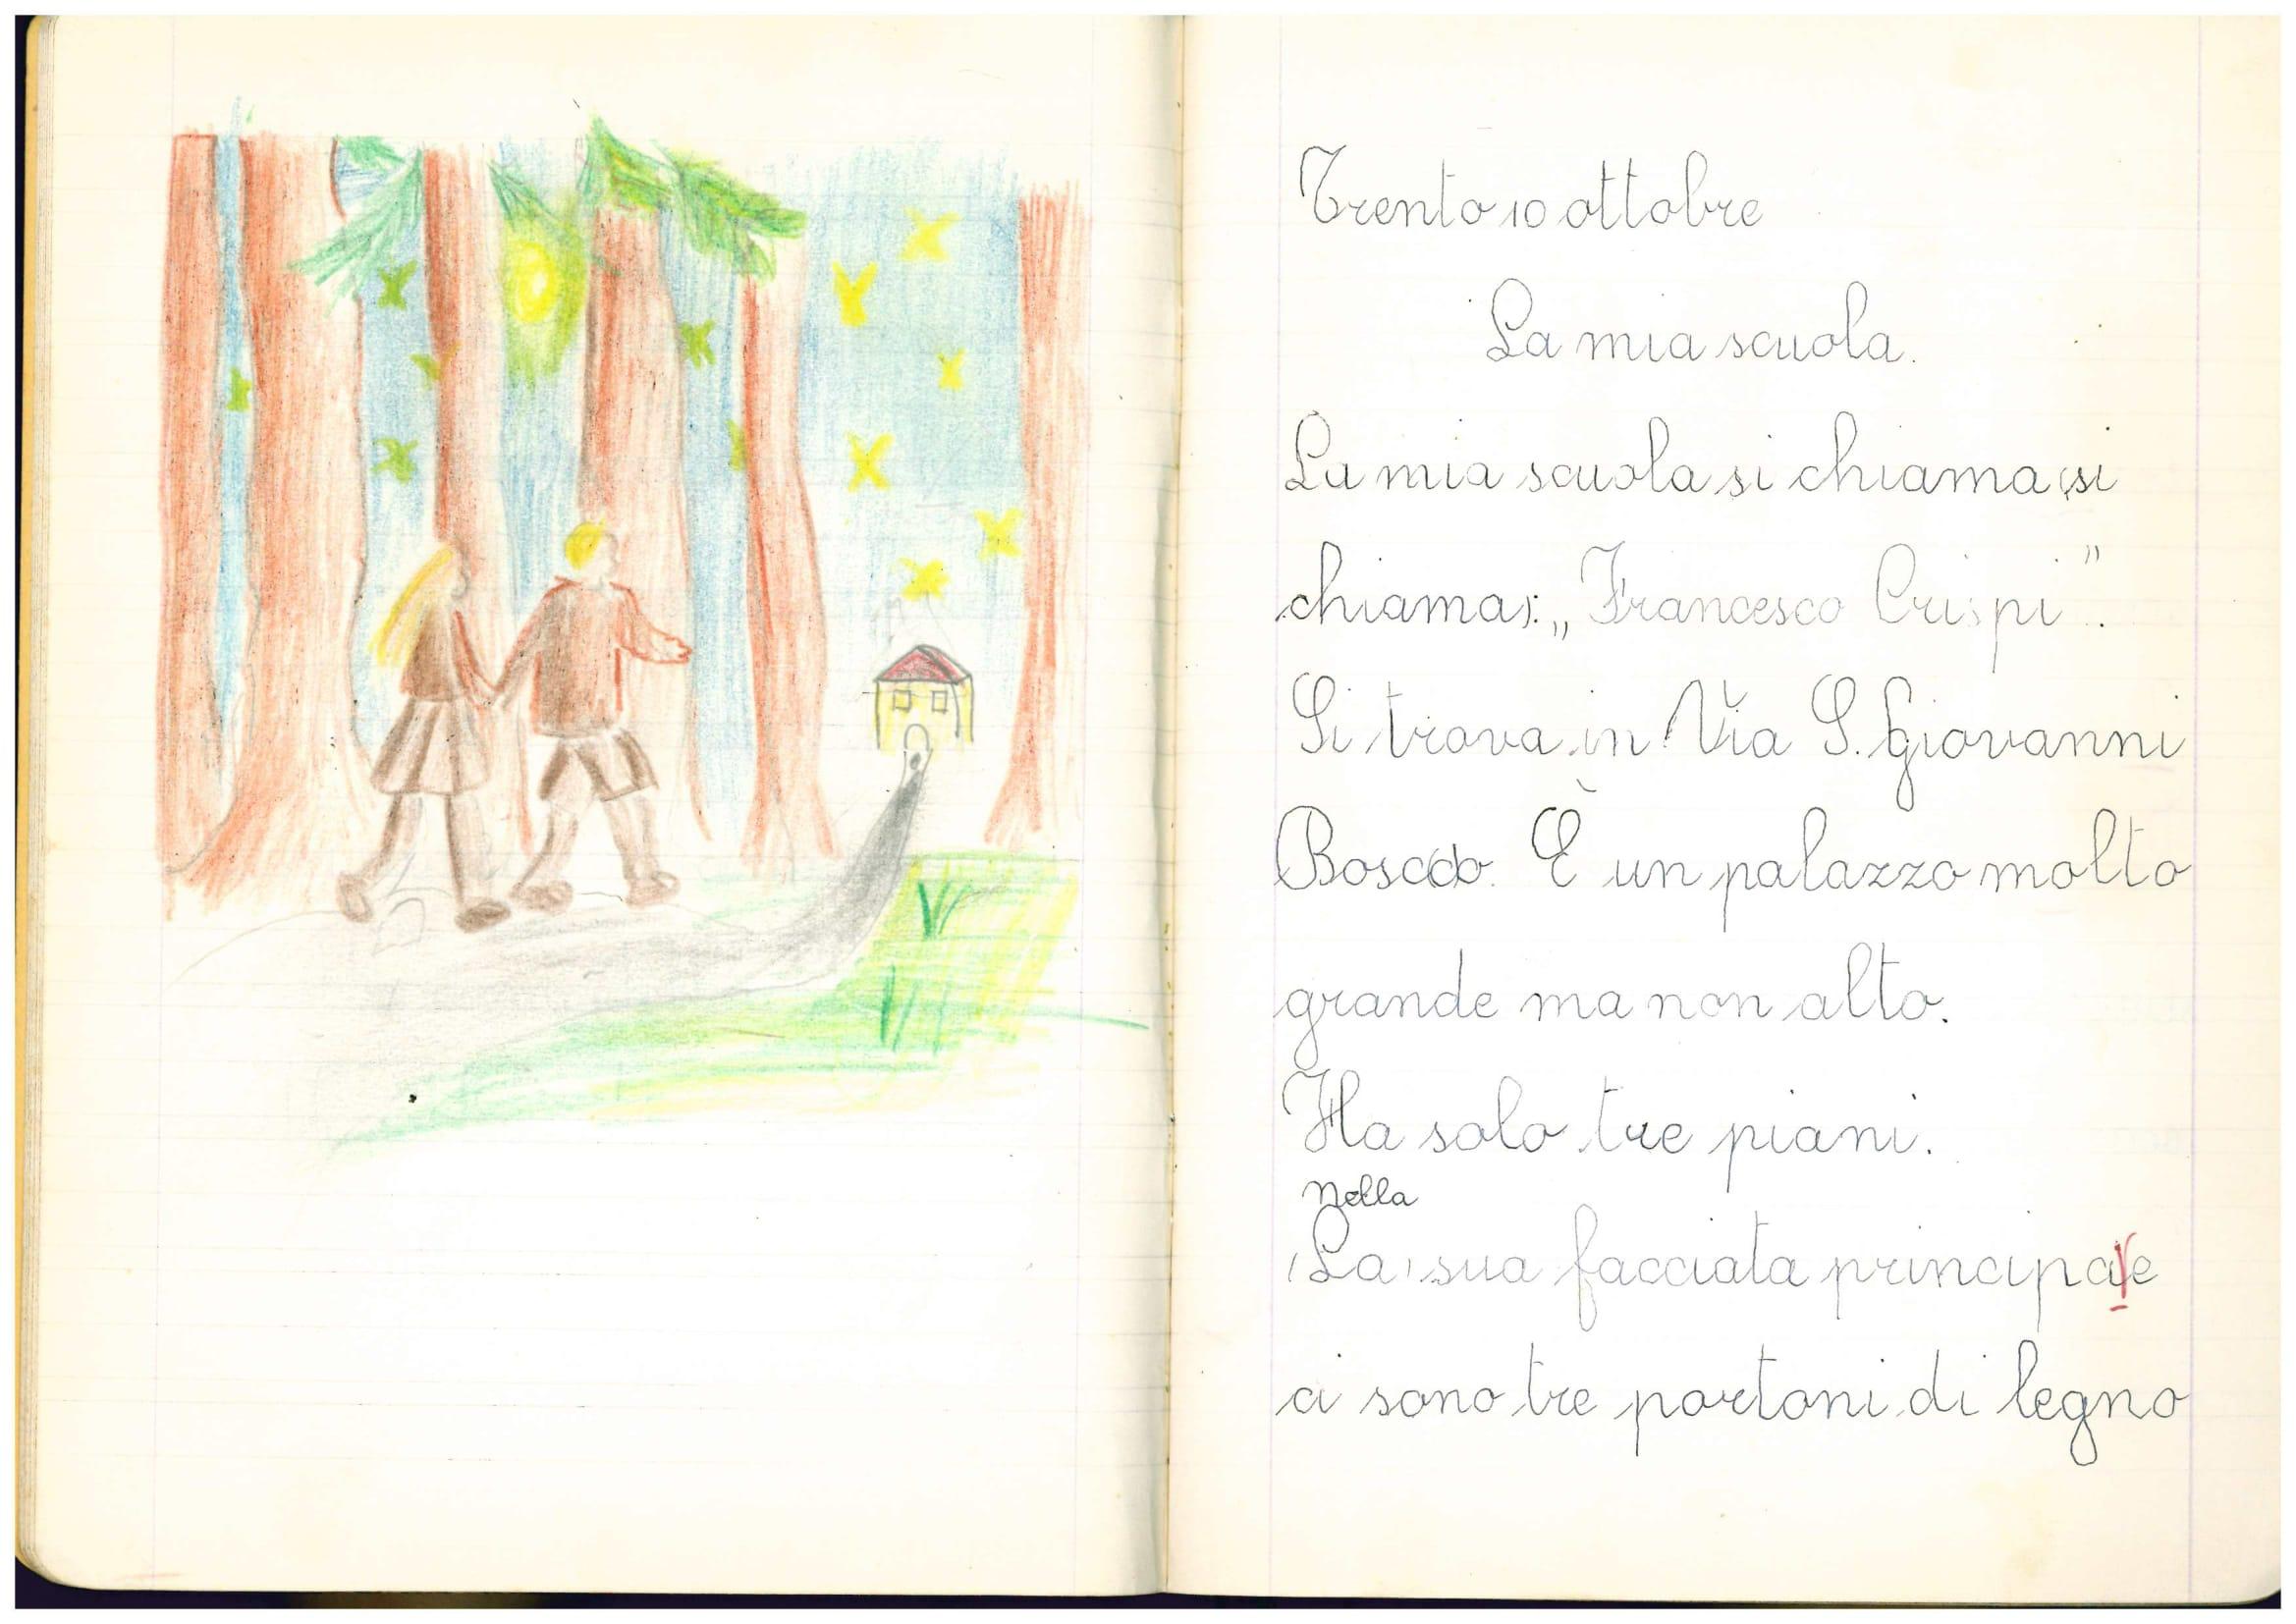 b8bf2a018a La scuola anni '60 #dnatrentino - DNA Trentino - Dai Nostri Avi ...